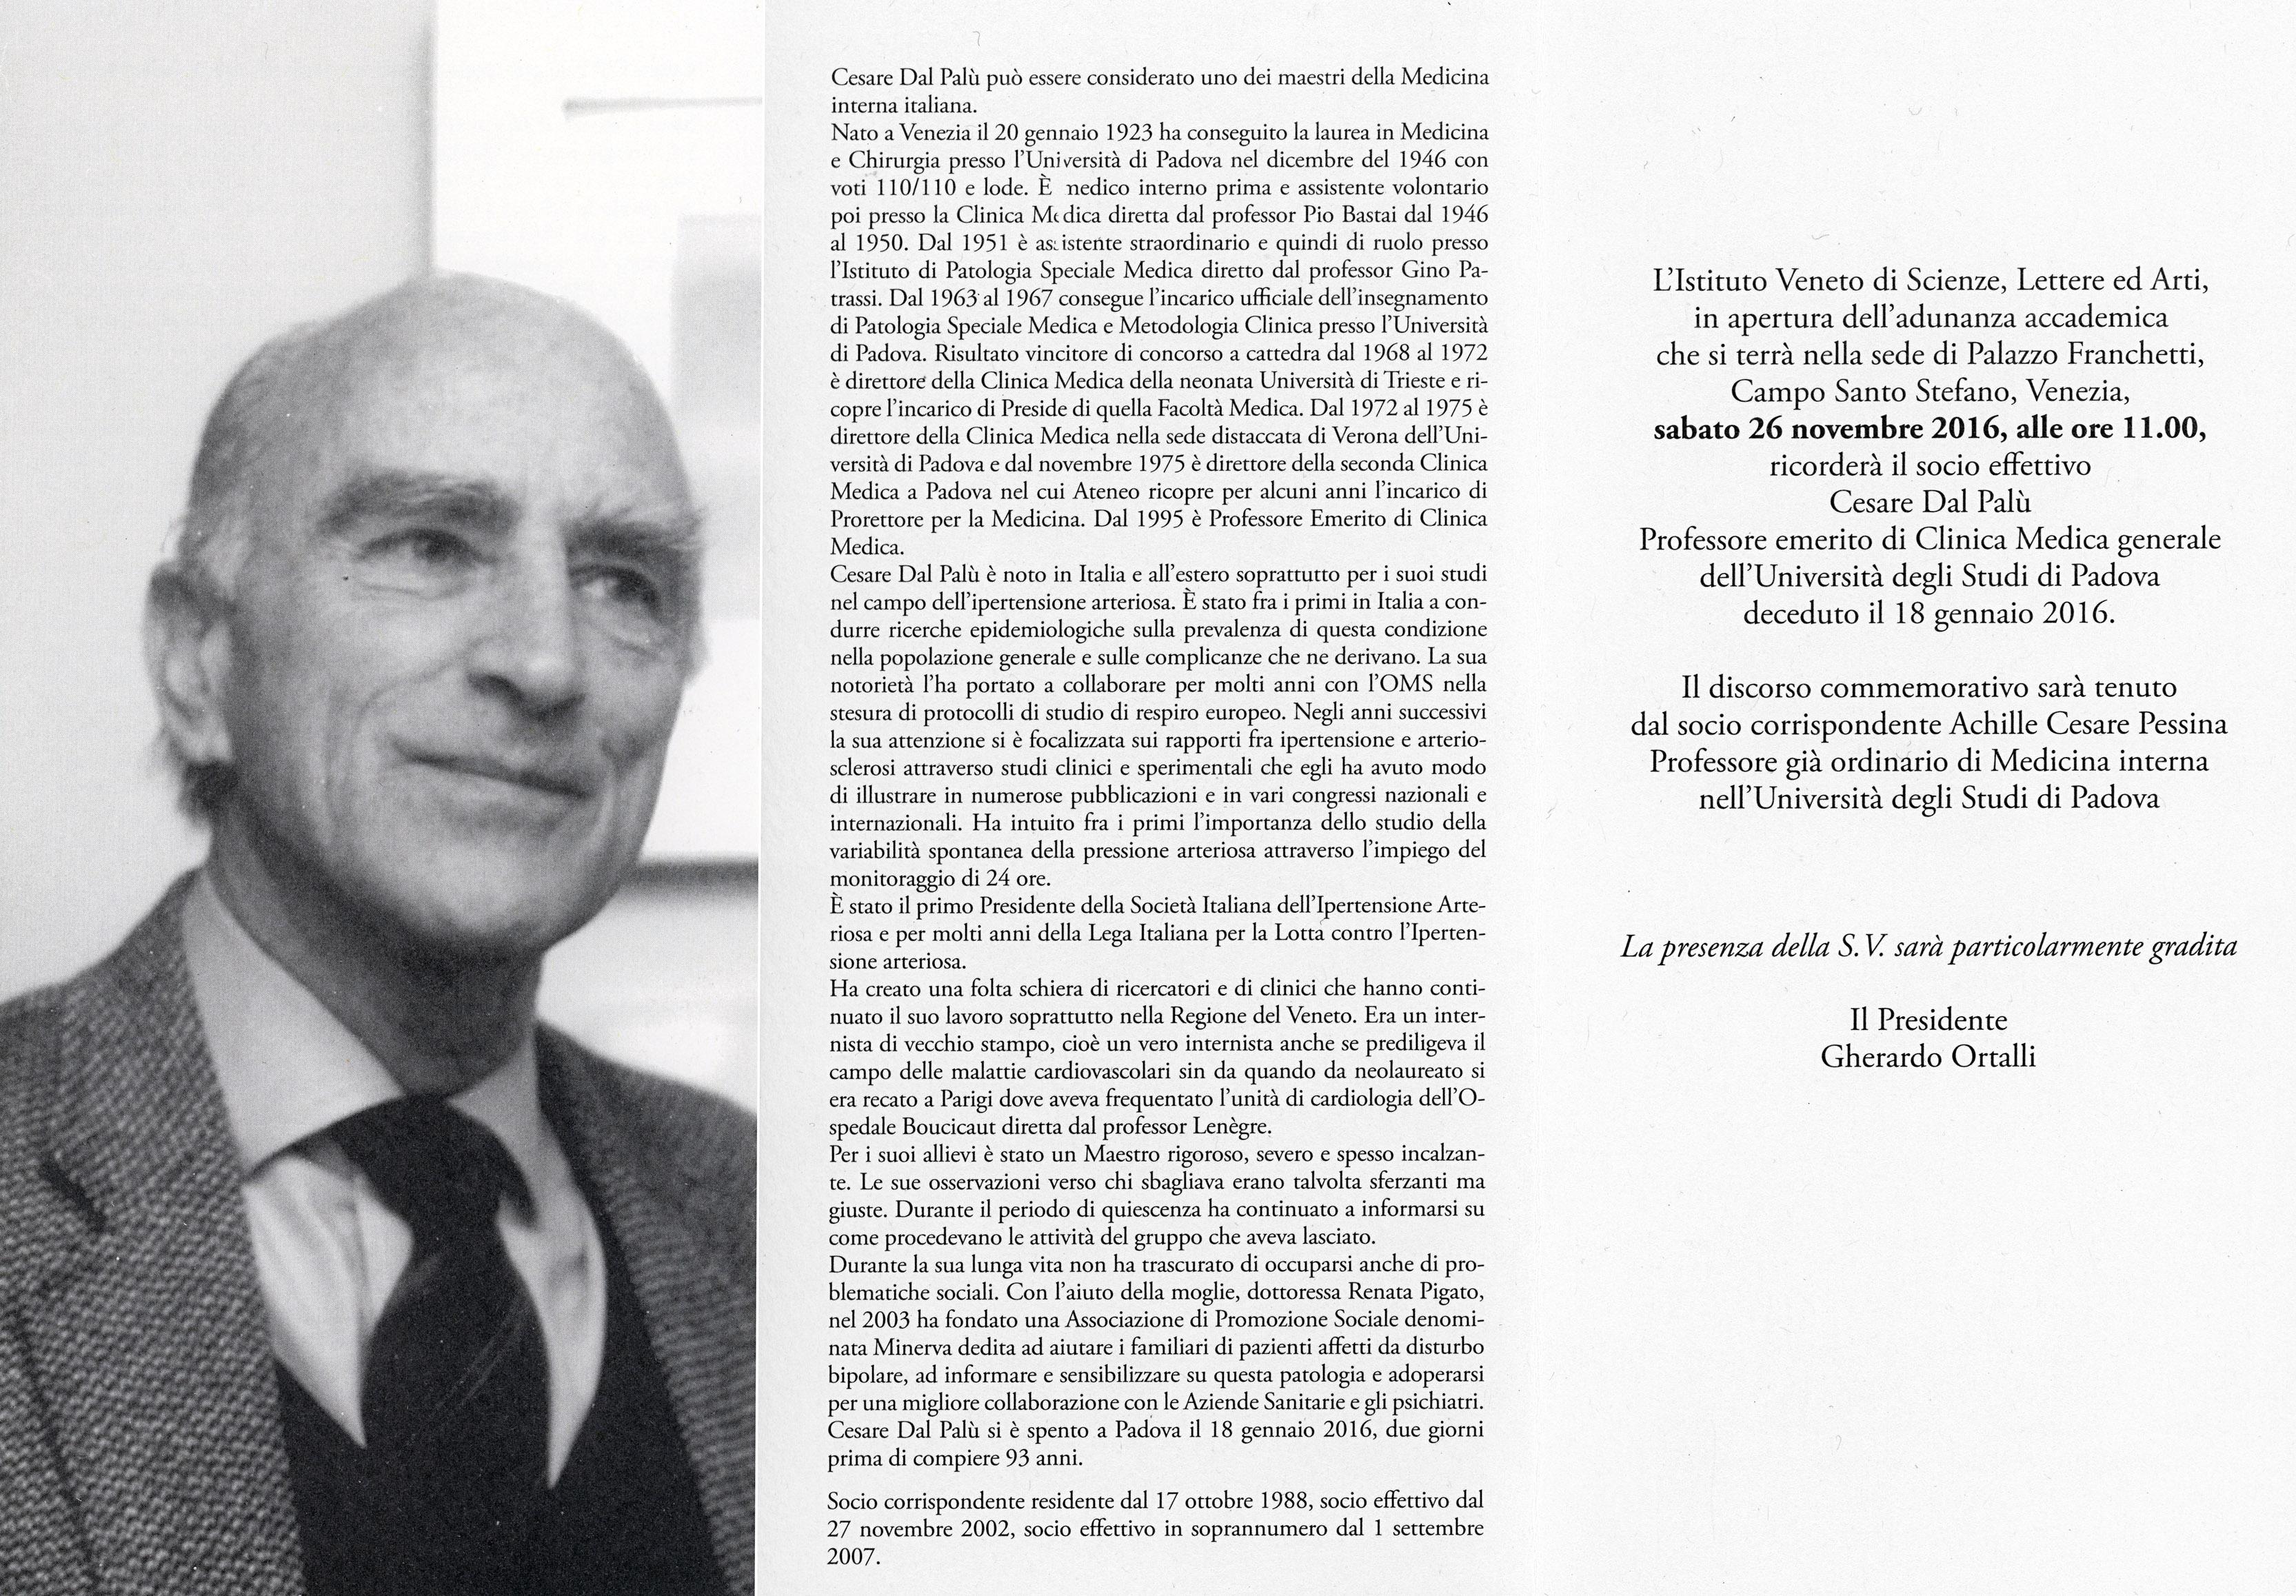 IMG_0243 Commemorazione del prof. Cesare Dal Palù